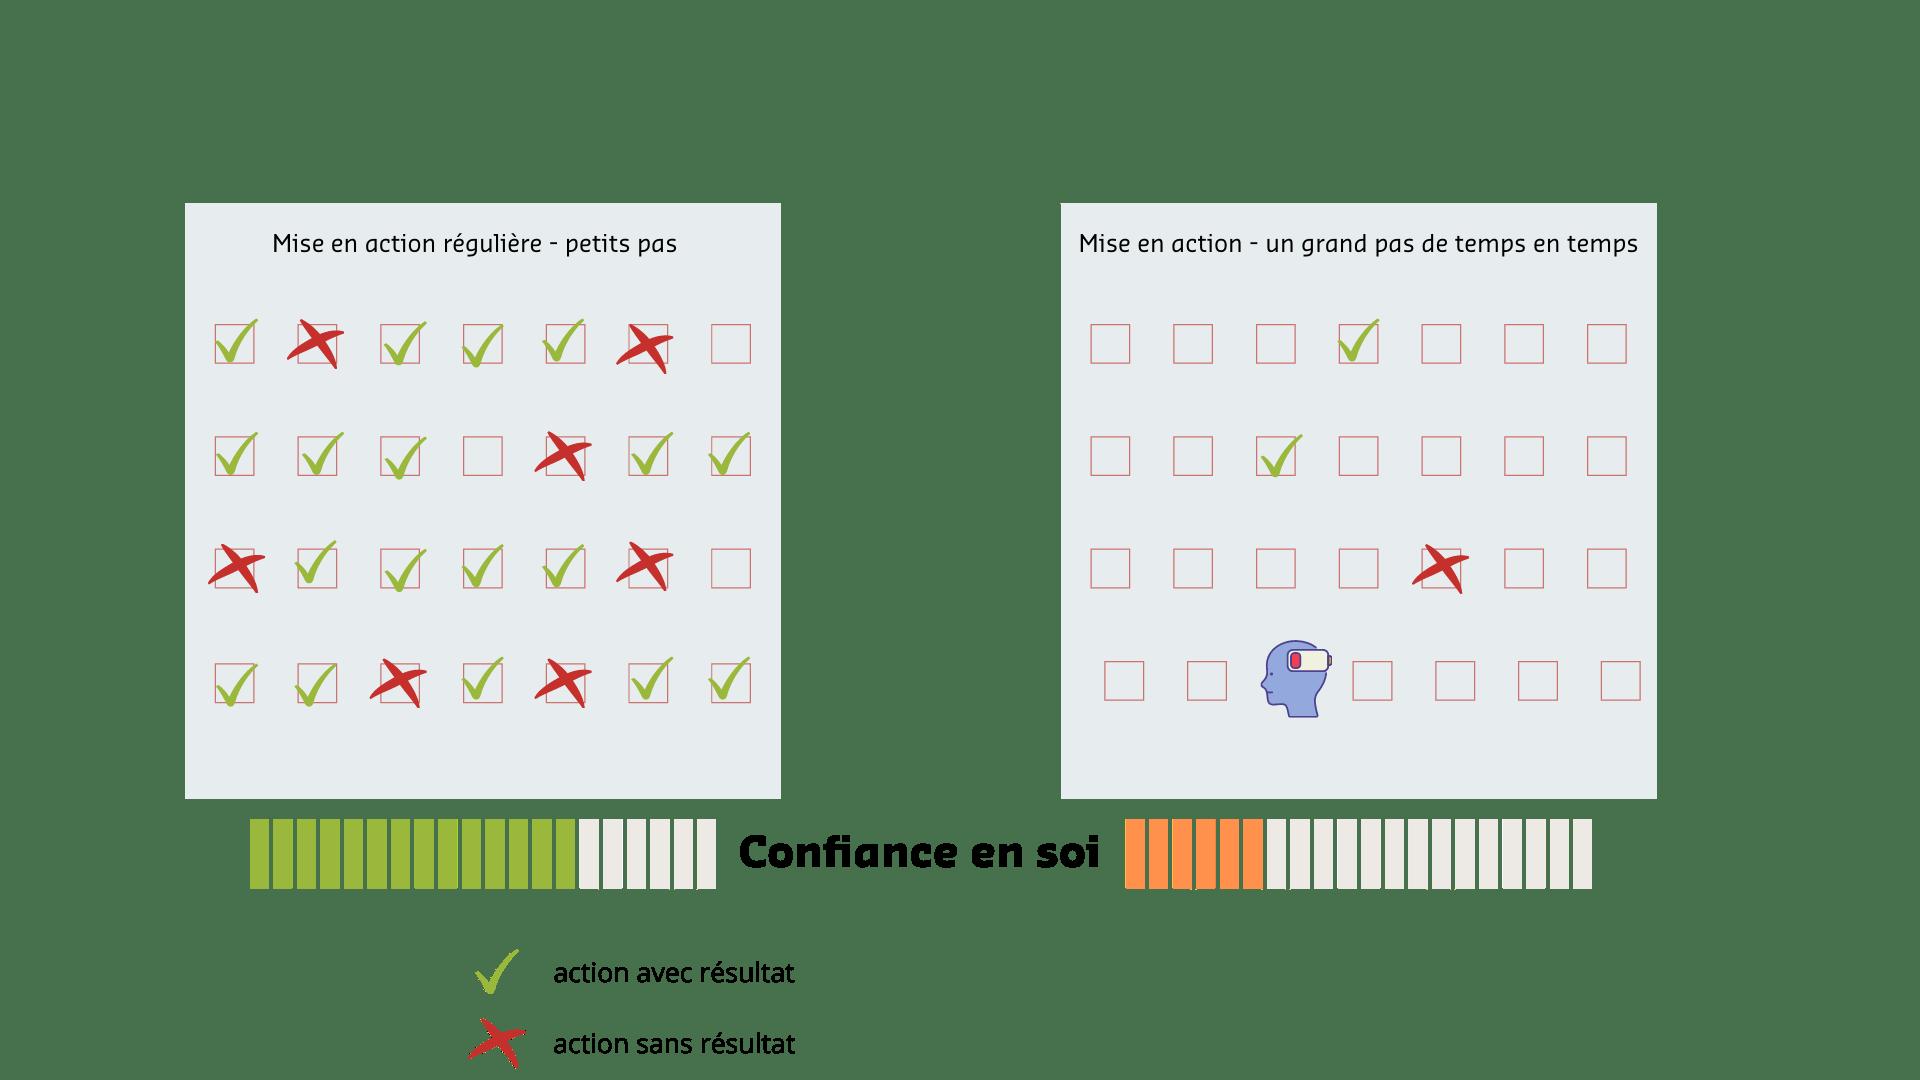 confiance en soi : l'action précède la confiance - françoise bourgouin coach de votre carrière après 45 ans